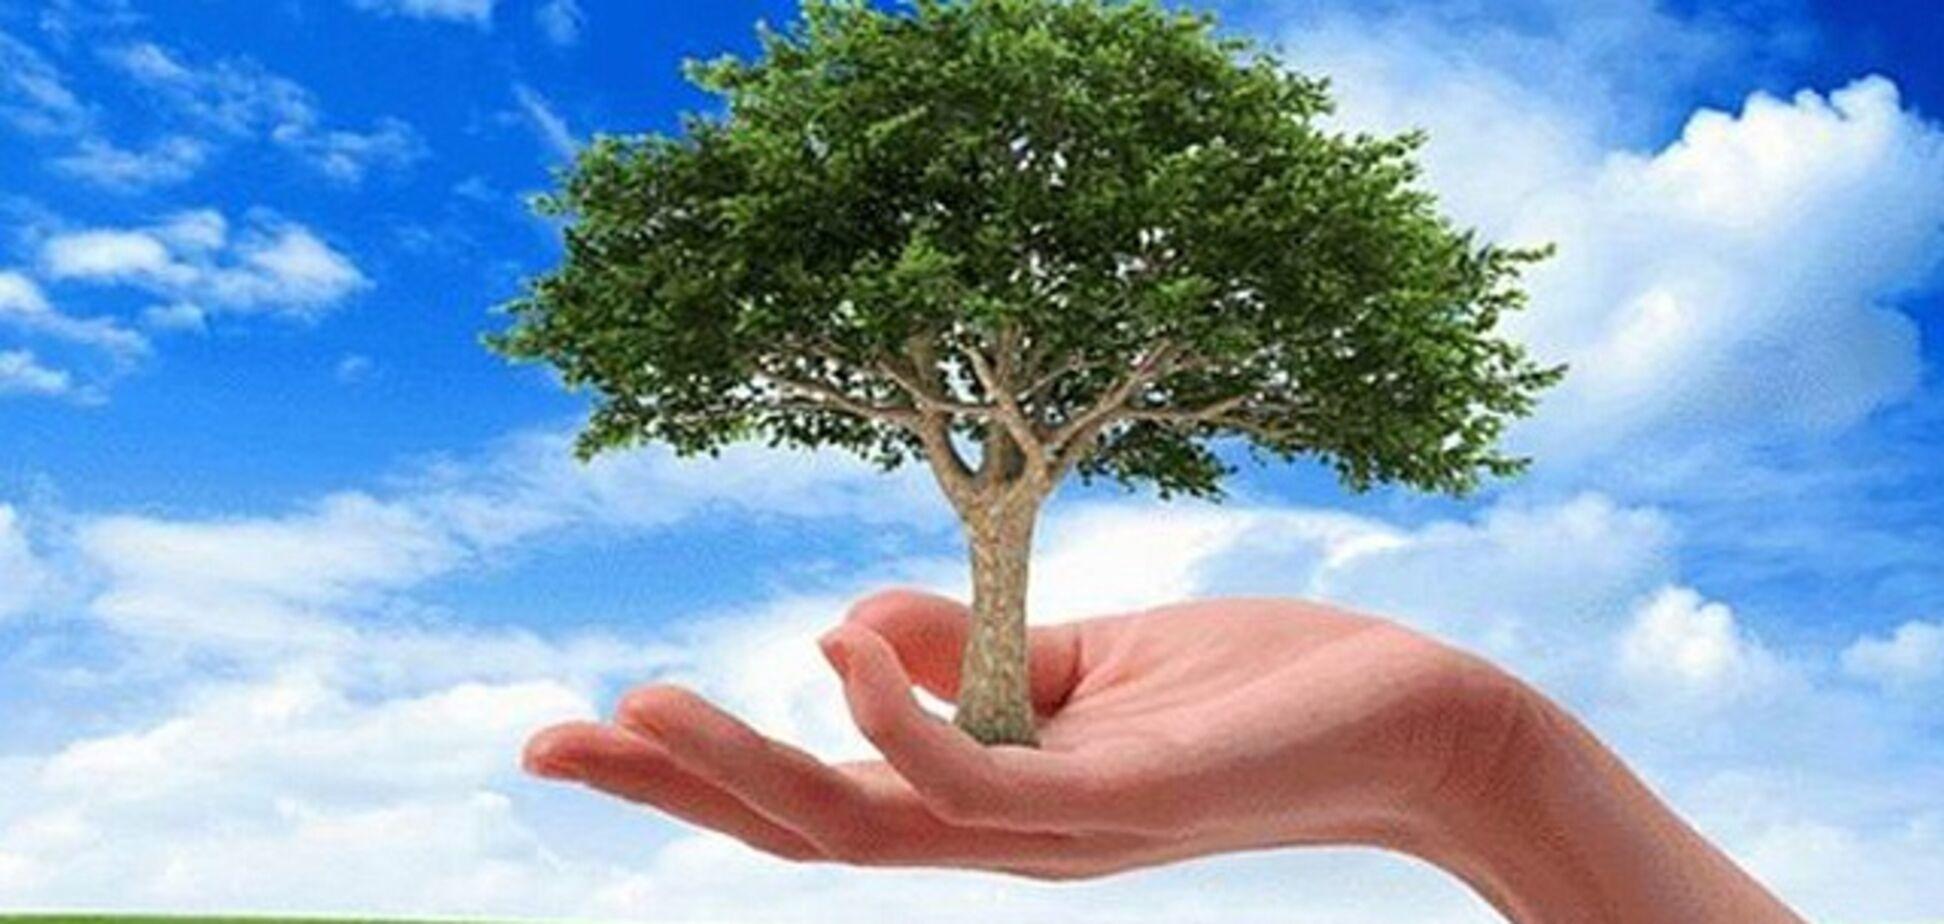 Екологічний ефект від впровадження природоохоронних програм